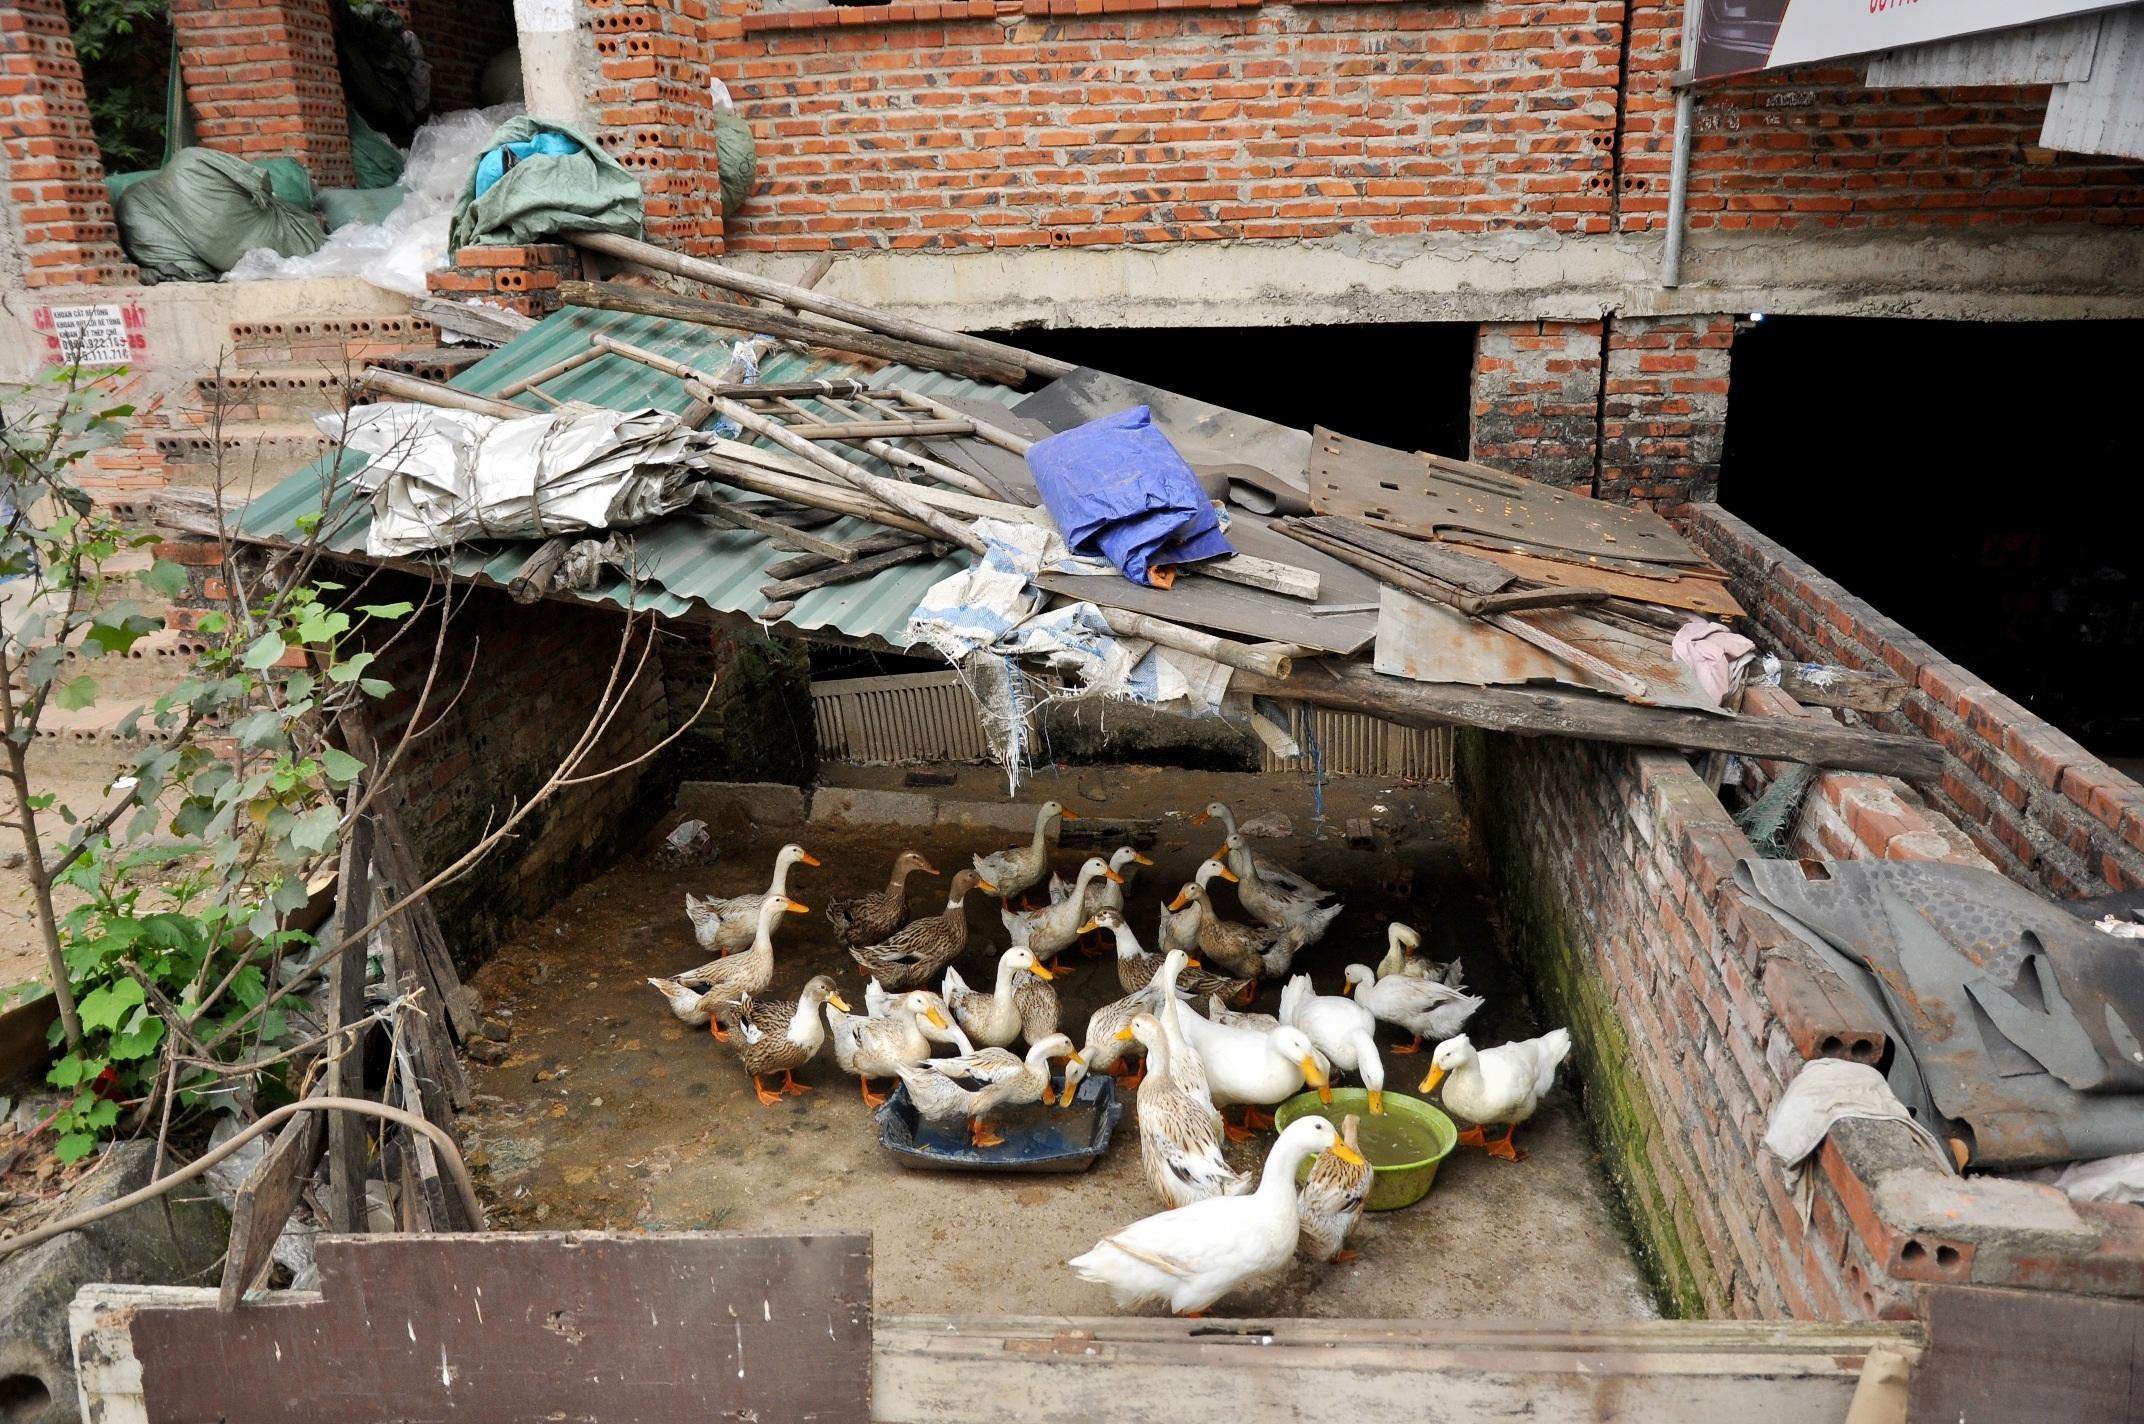 Ở khu đô thị Trung Văn còn có hộ dân tận dung biệt thự bỏ không để nuôi gia cầm.